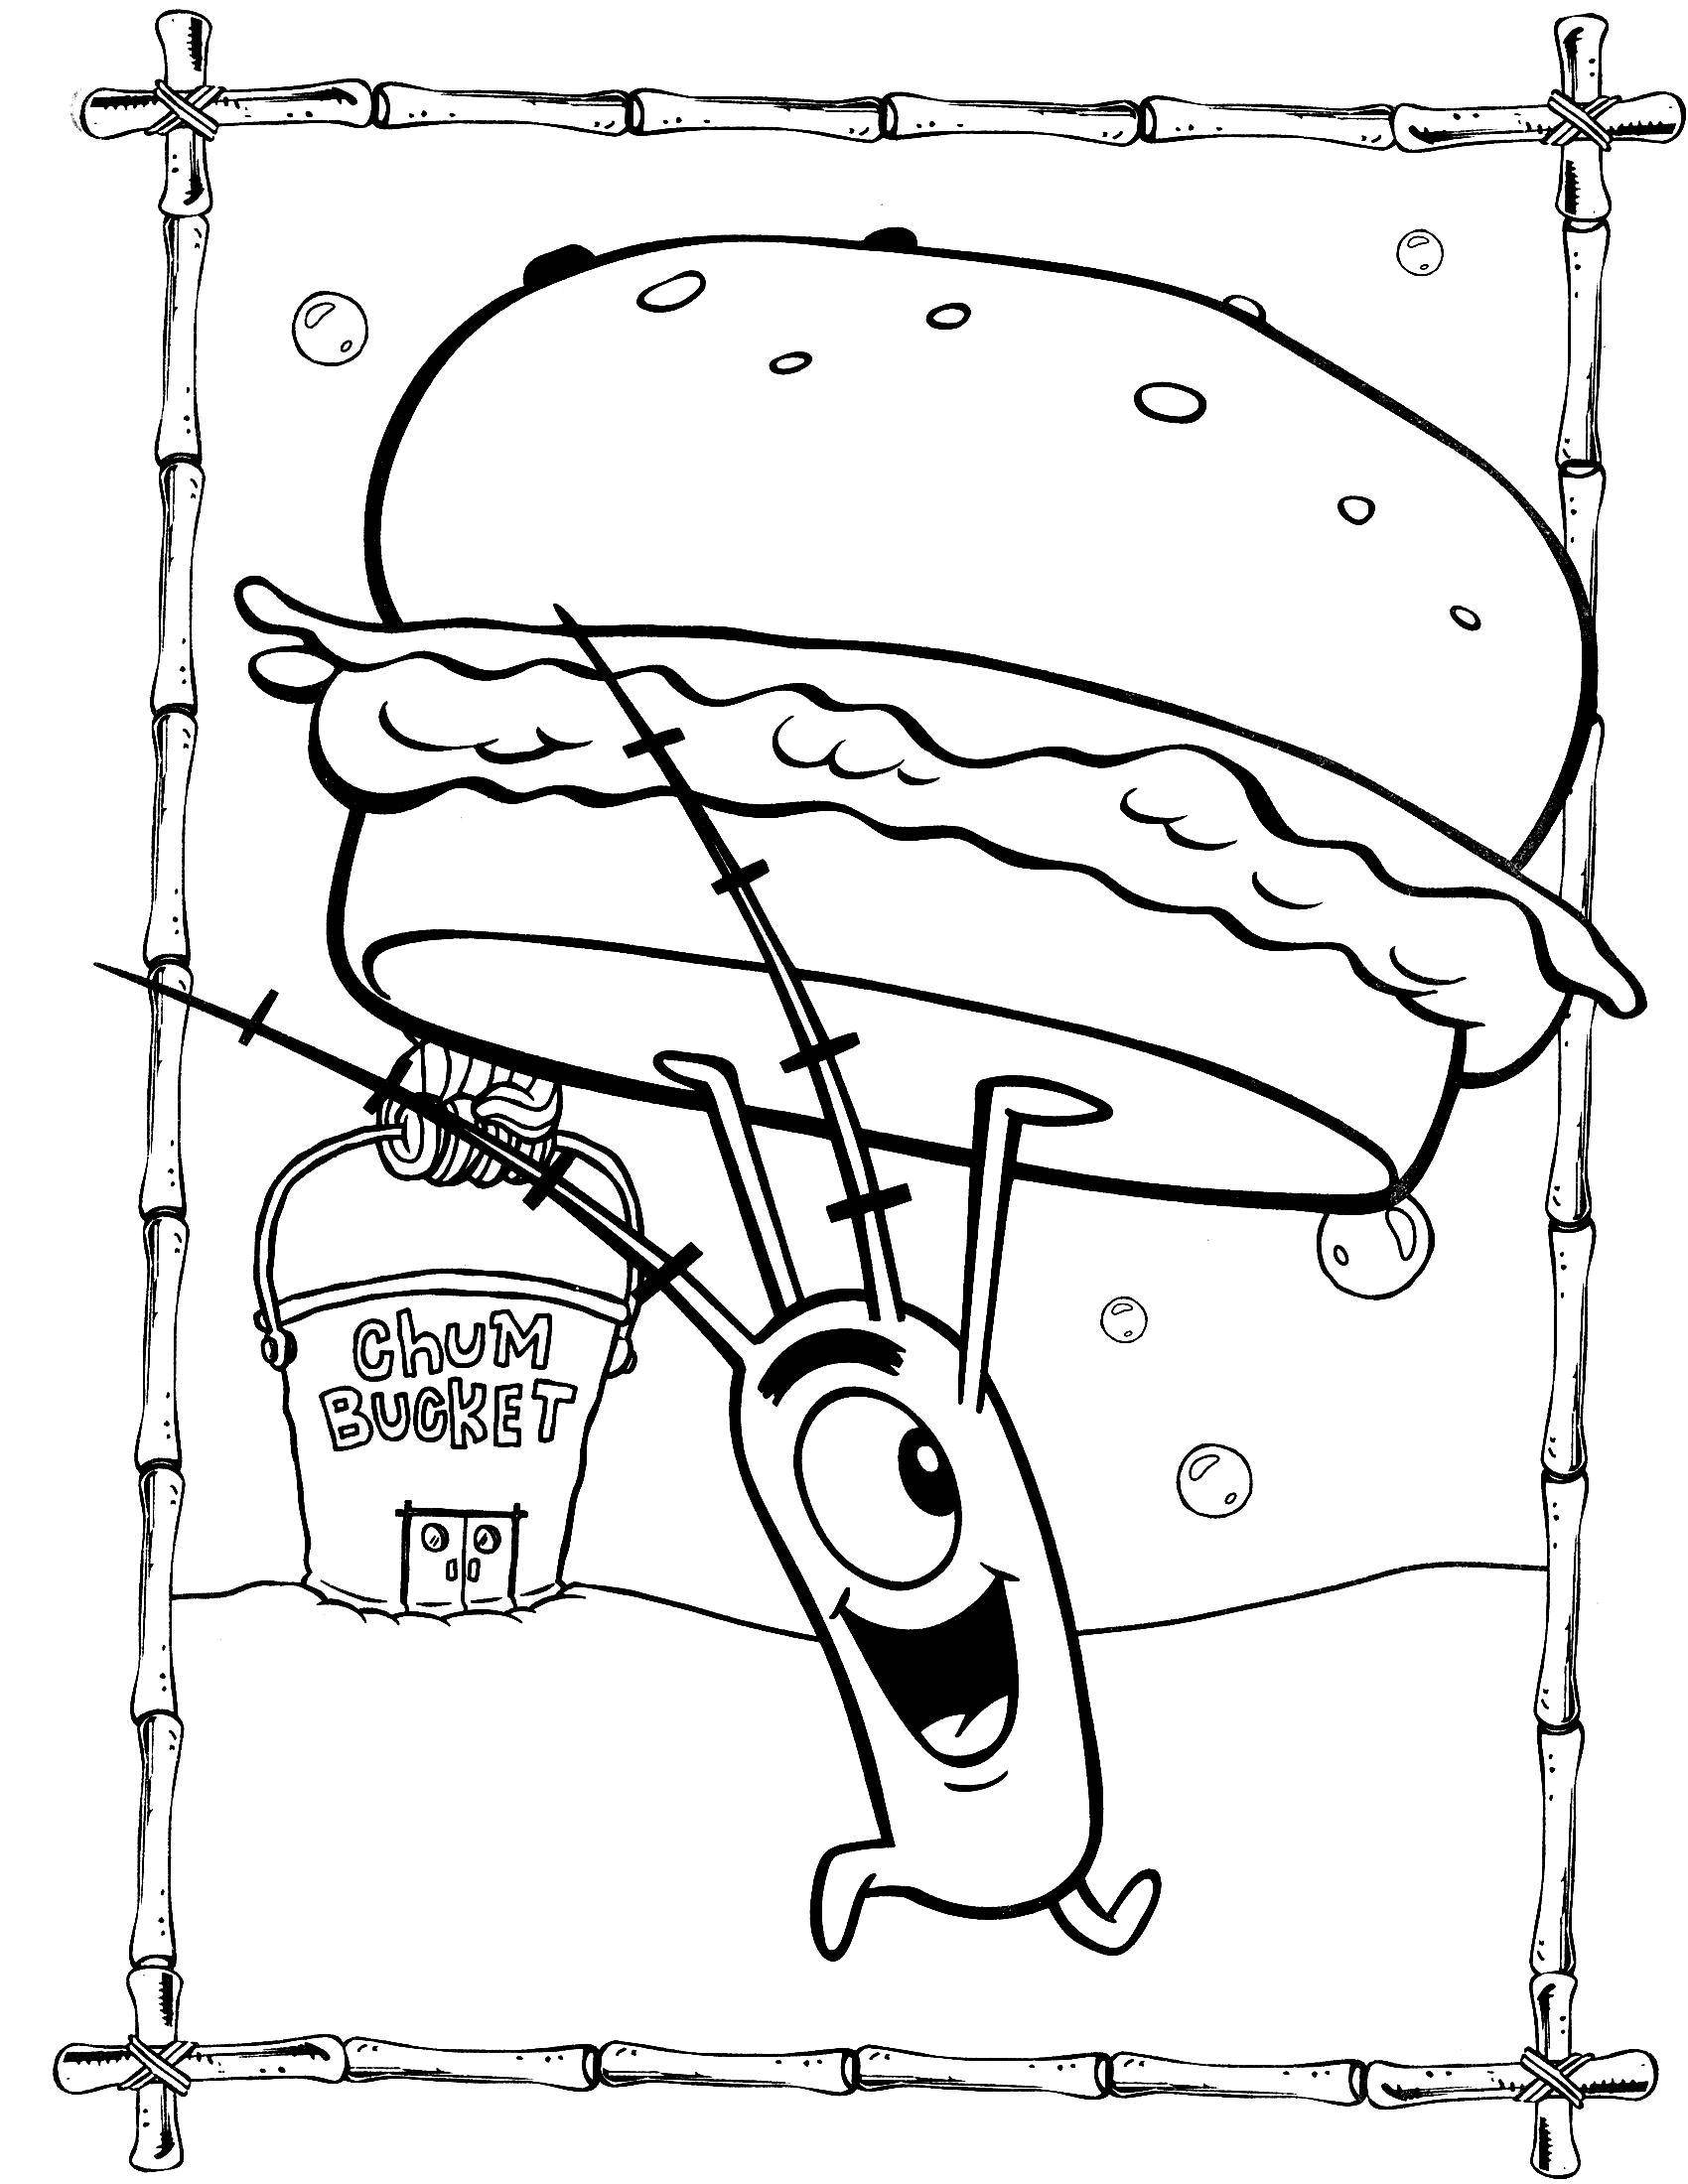 Раскраска Планктон украл крабсбургер Скачать Персонаж из мультфильма, Спанч Боб, Губка Боб, Планктон.  Распечатать ,Спанч Боб,